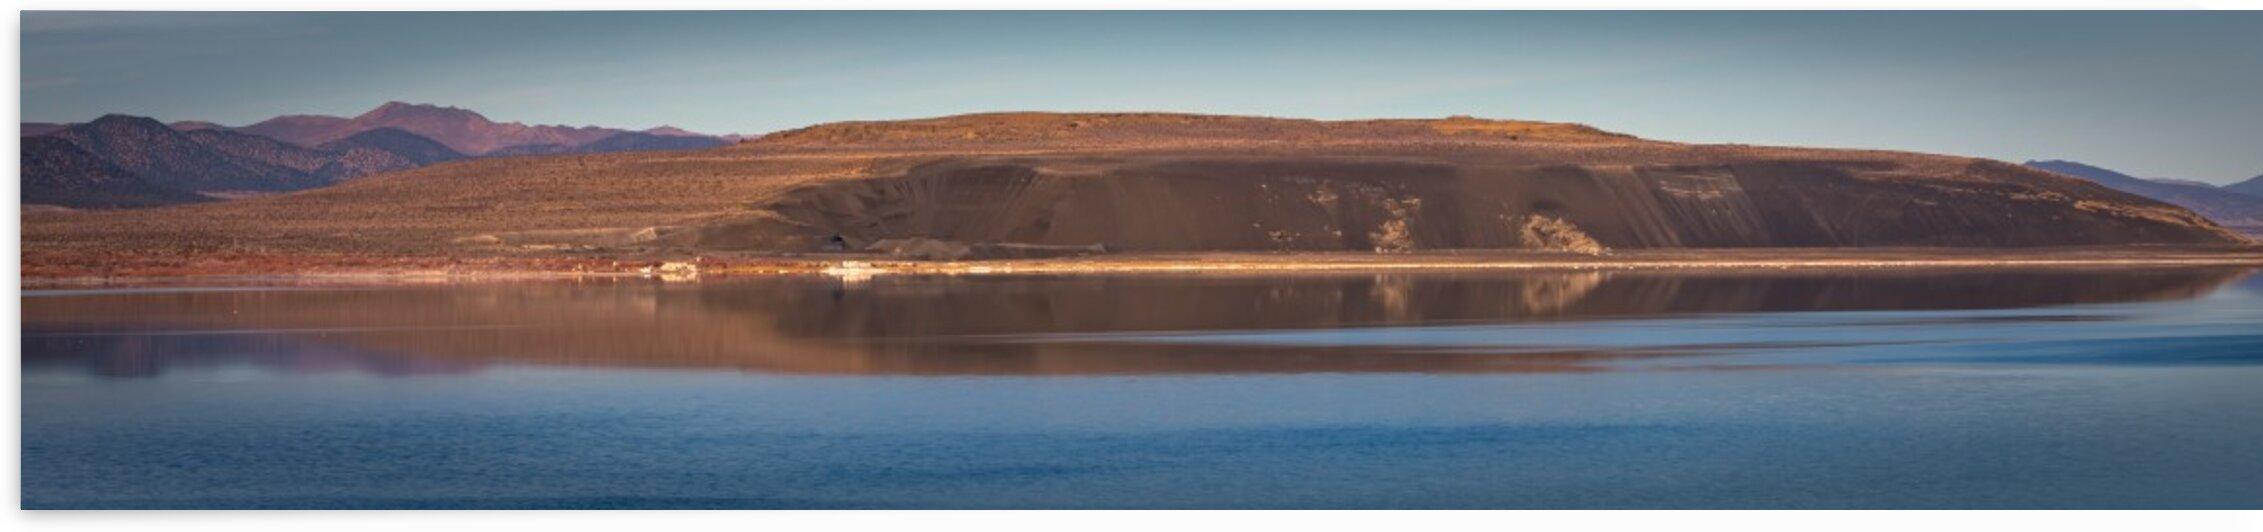 Mono Lake HDR Pano by Nicholas